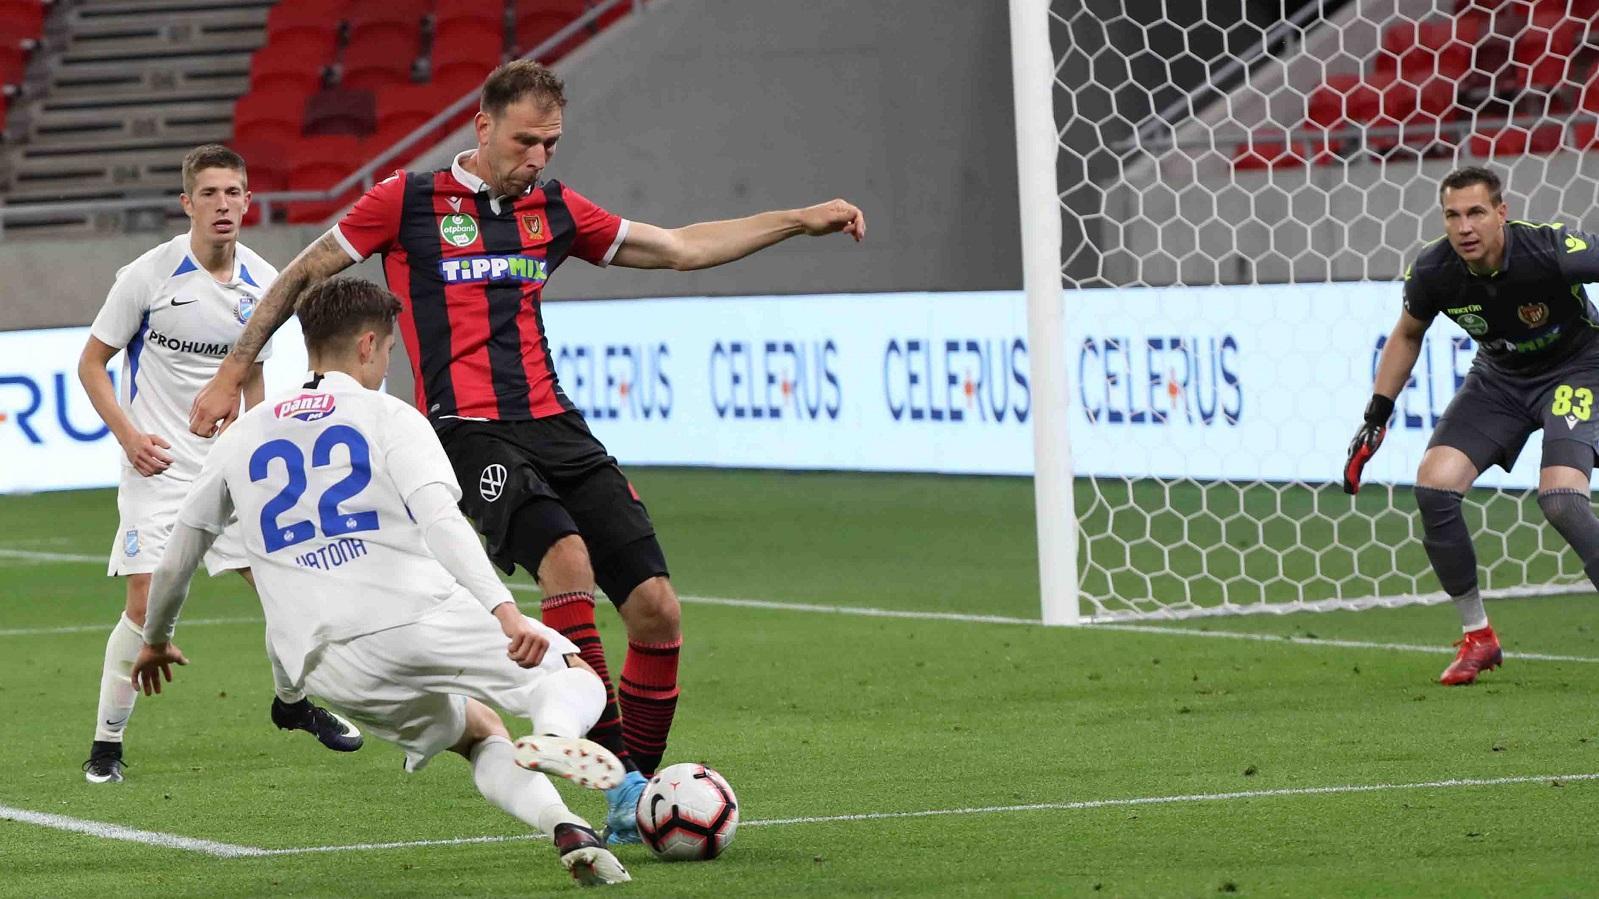 Összefoglaló: Budapest Honvéd - MTK Budapest 0-0, MK-visszavágó (VIDEÓ)